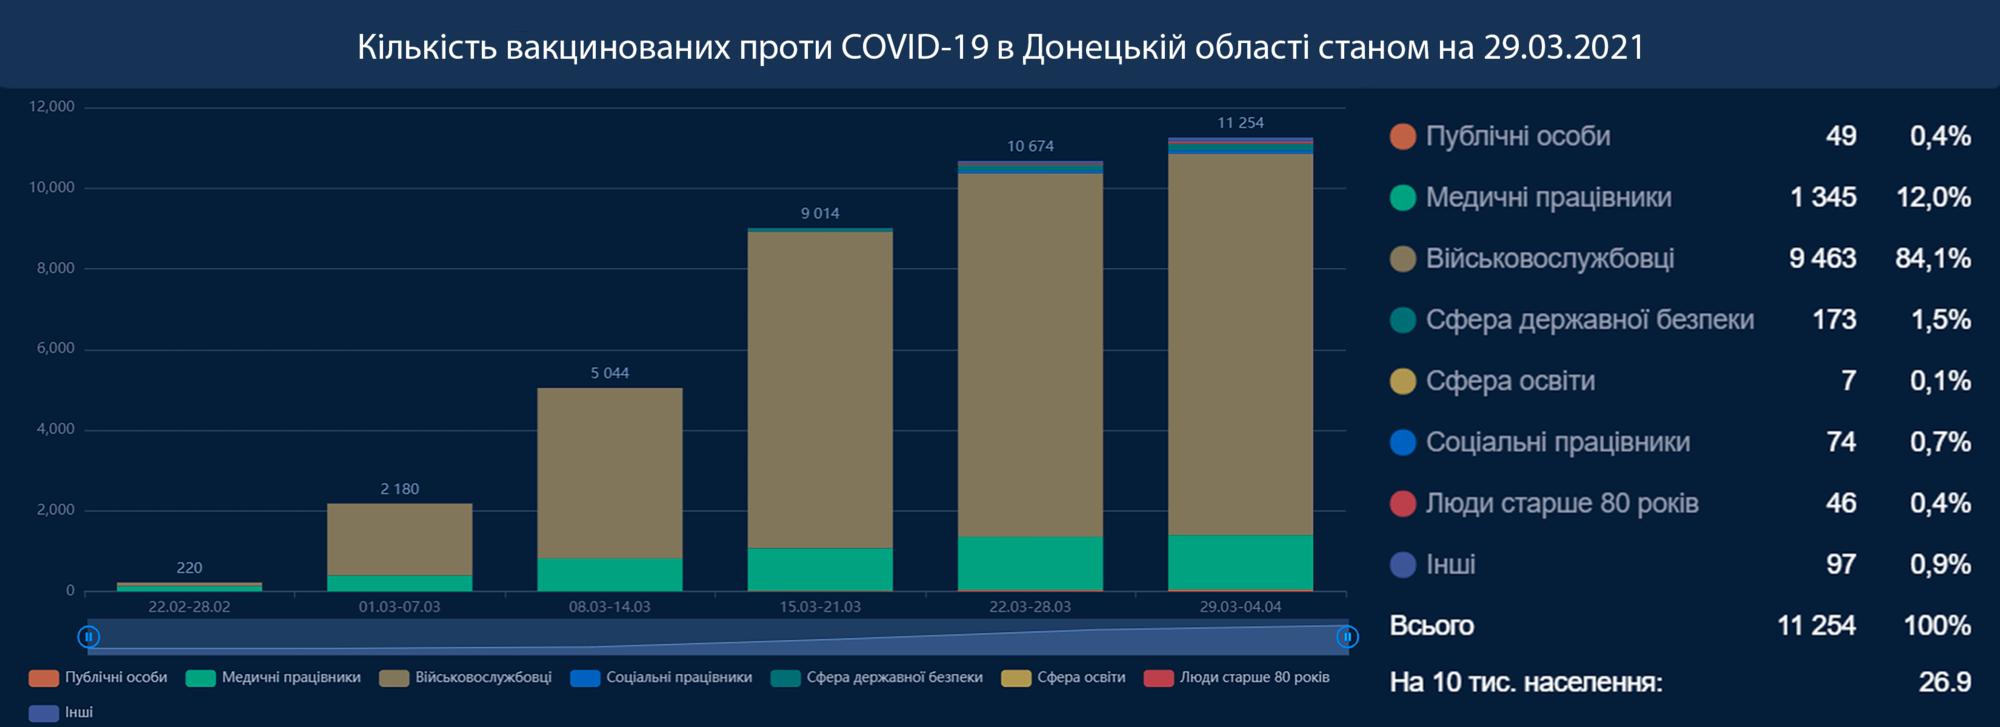 дані про кількість вакцинованих на Донетчині інфографіка